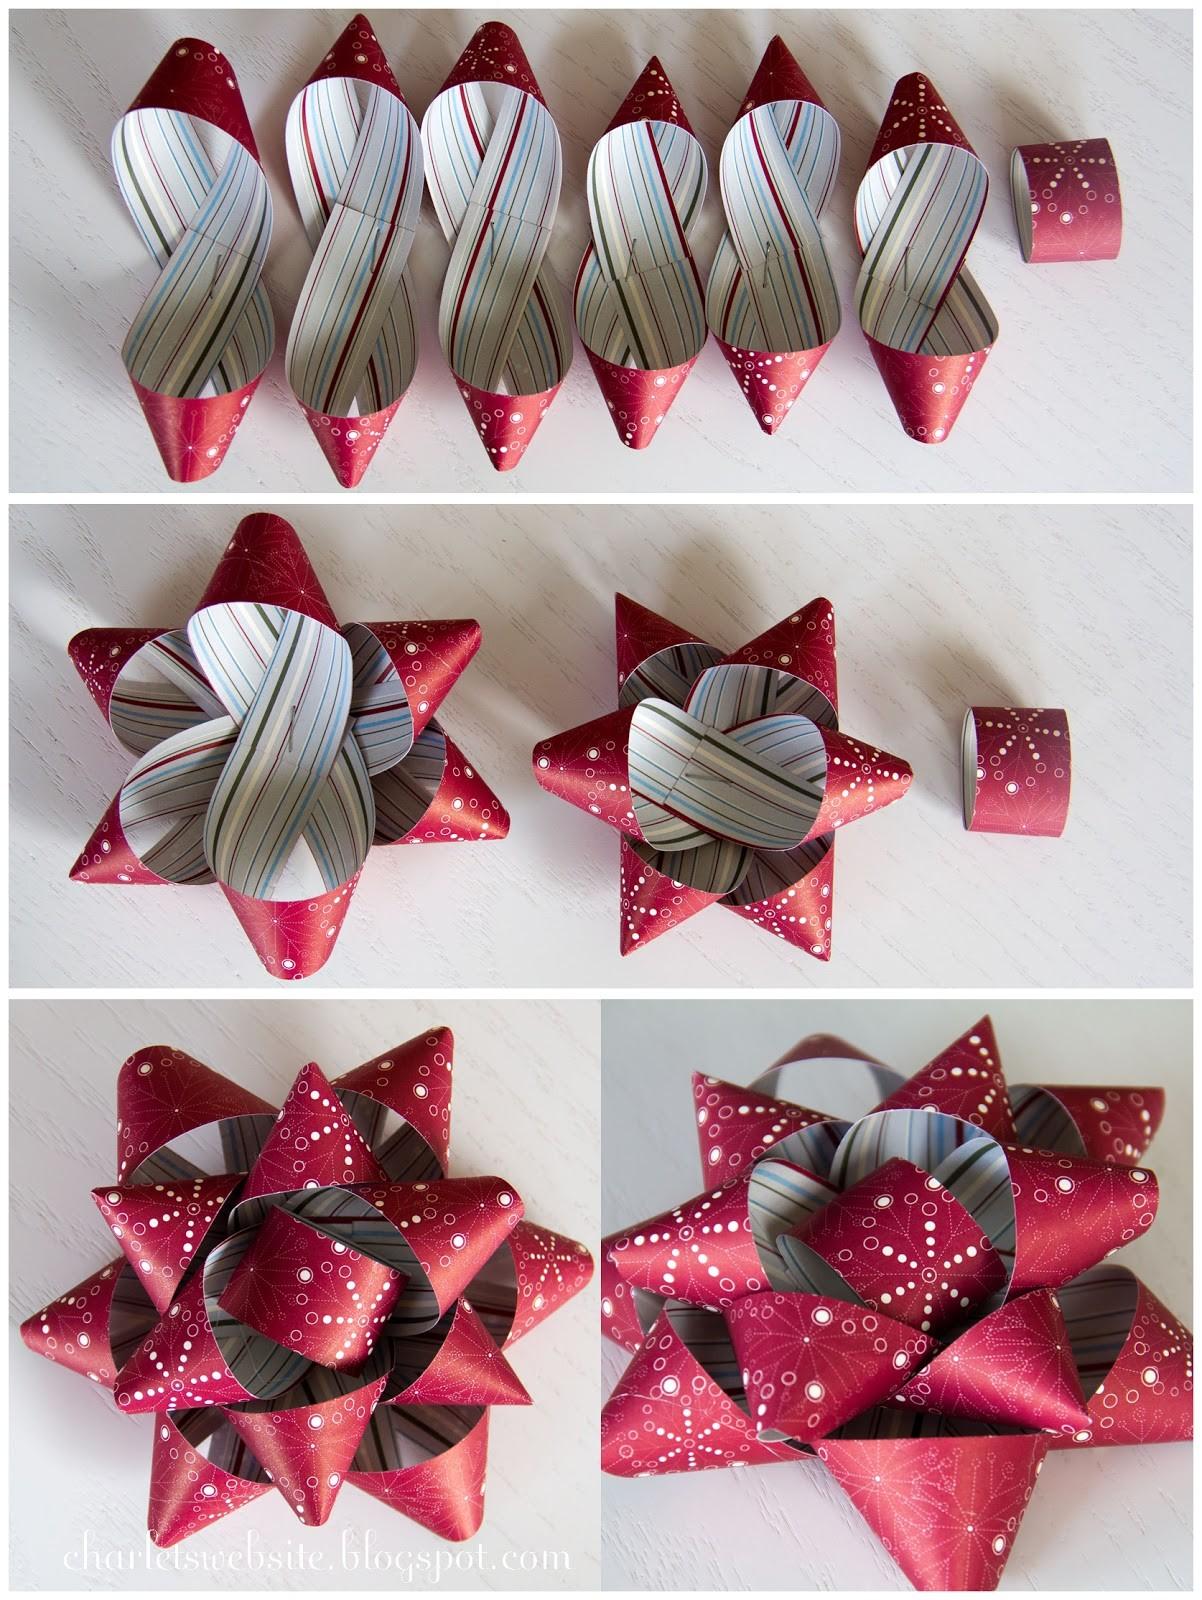 Новогодние поделки из бумаги своими руками: делаем бумажный бант для декорирования подарков